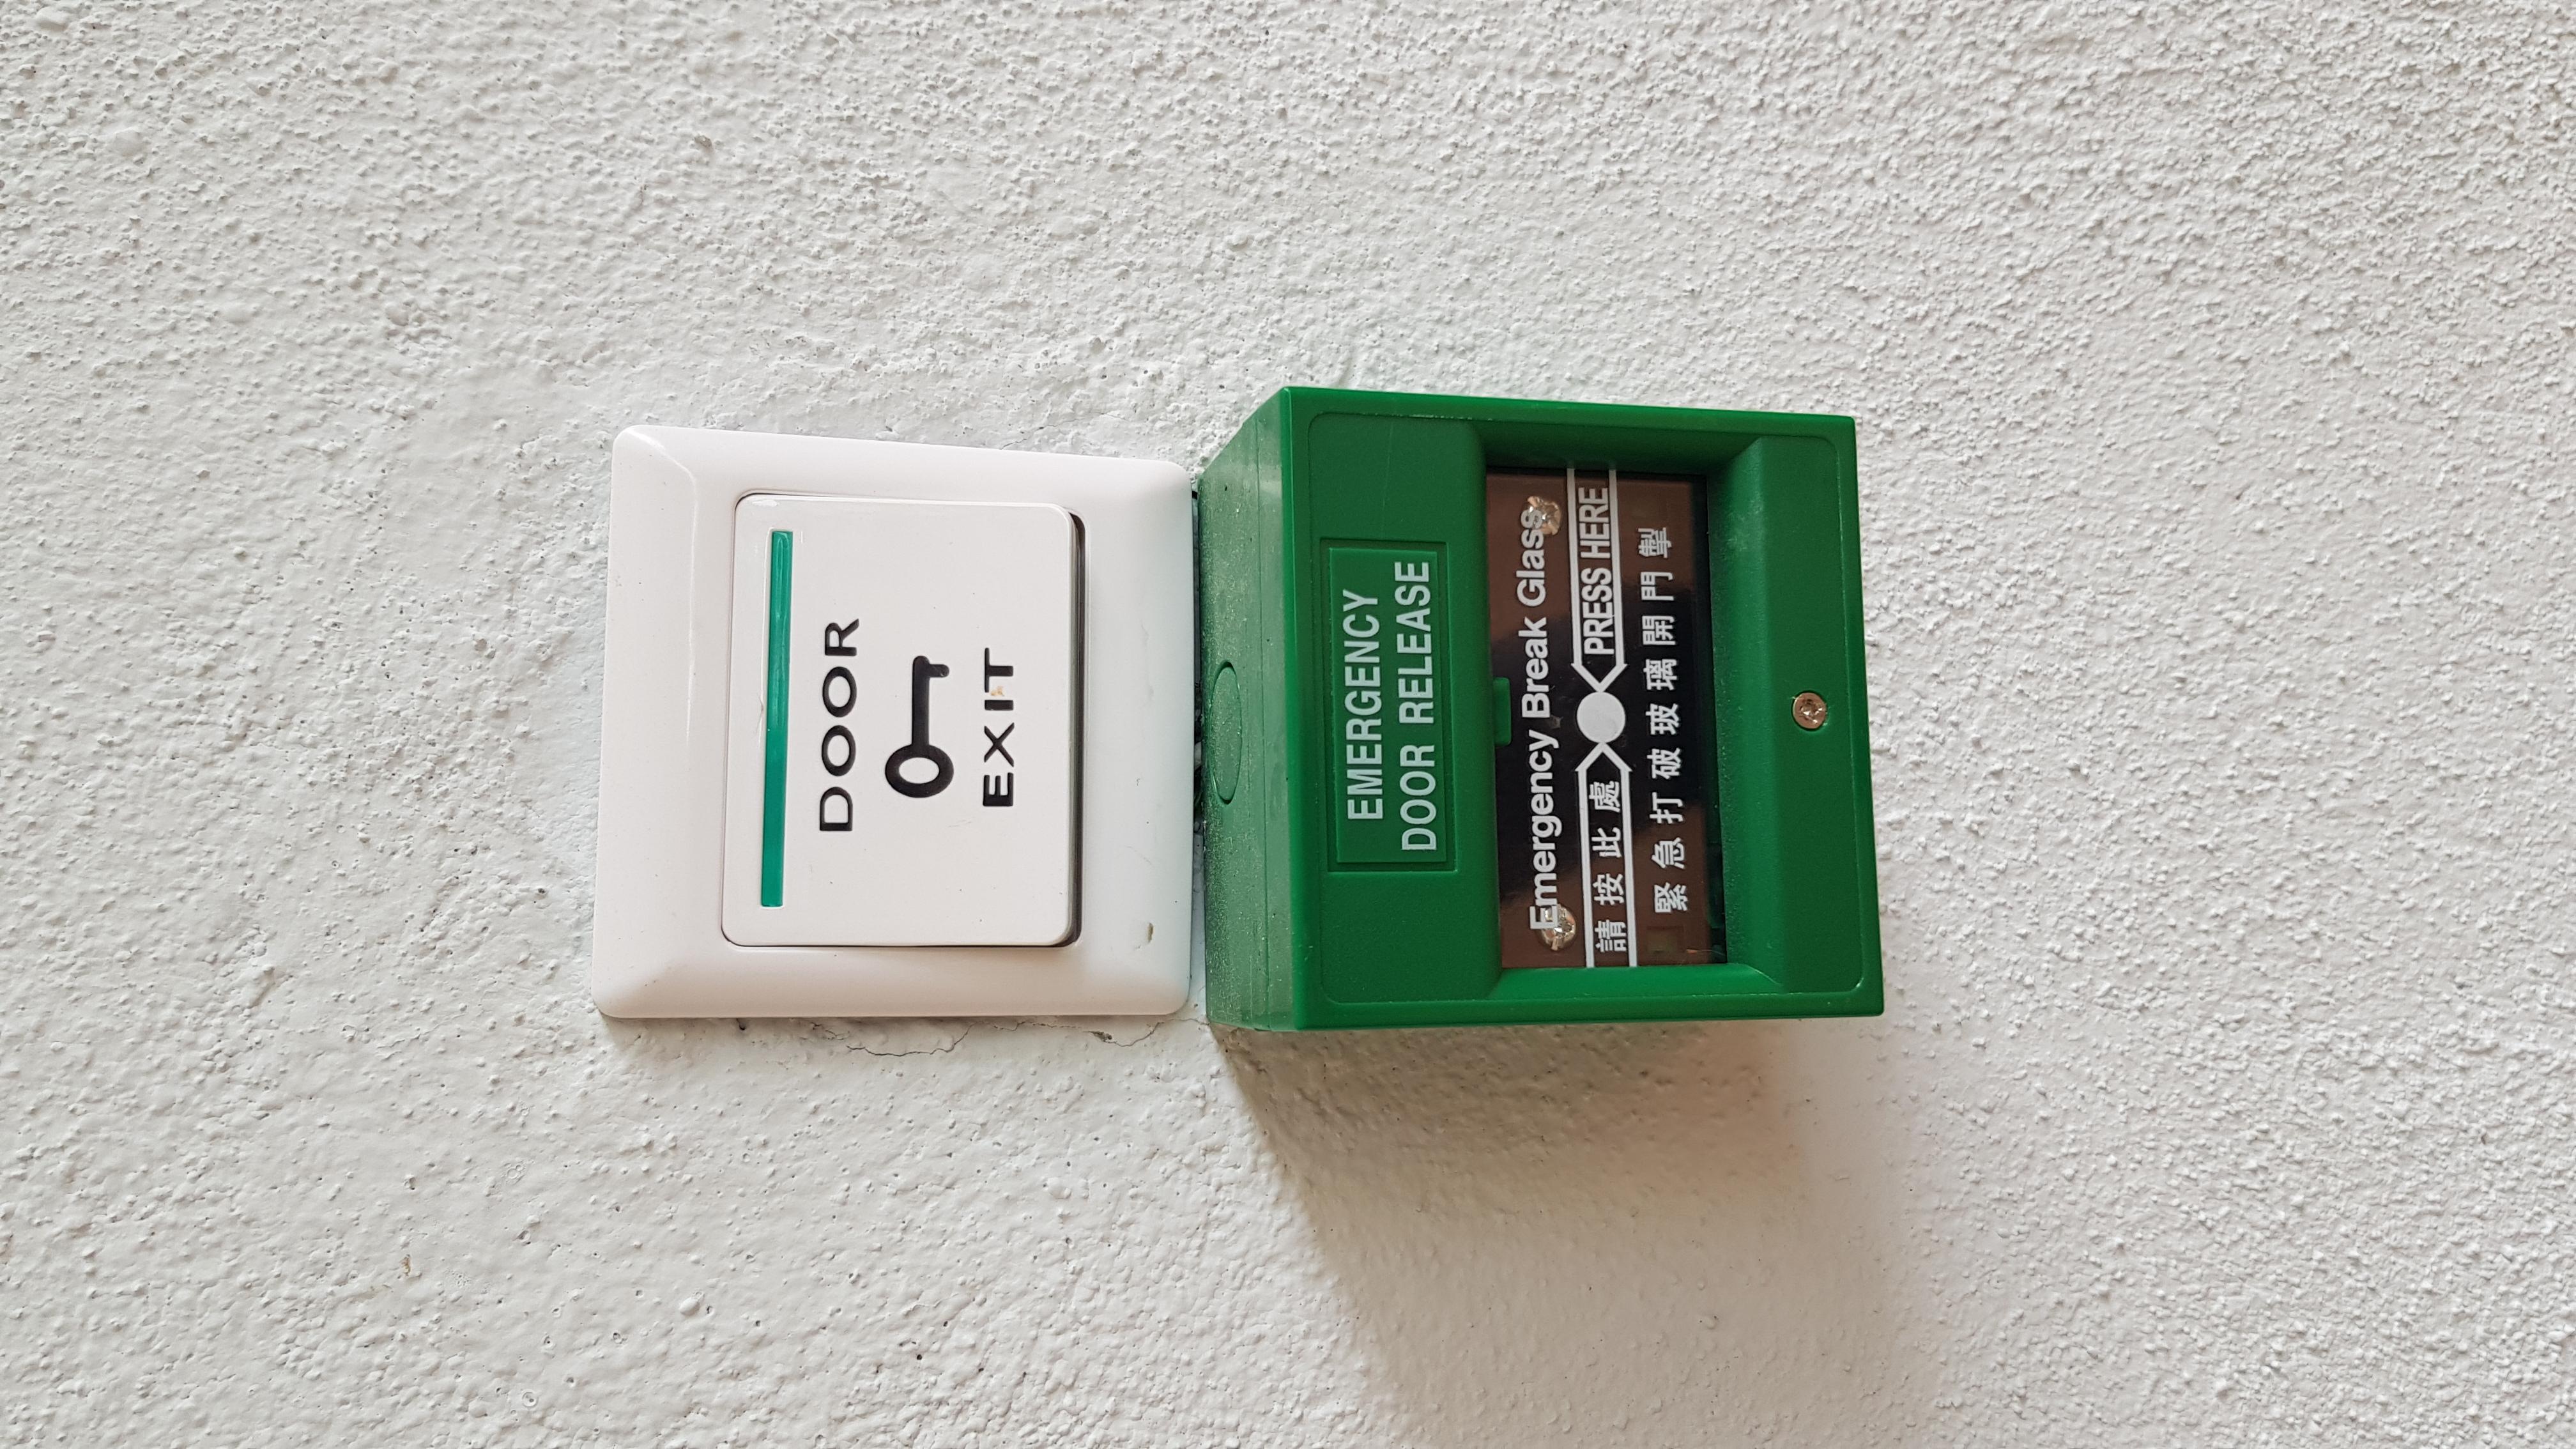 Emergency escape button